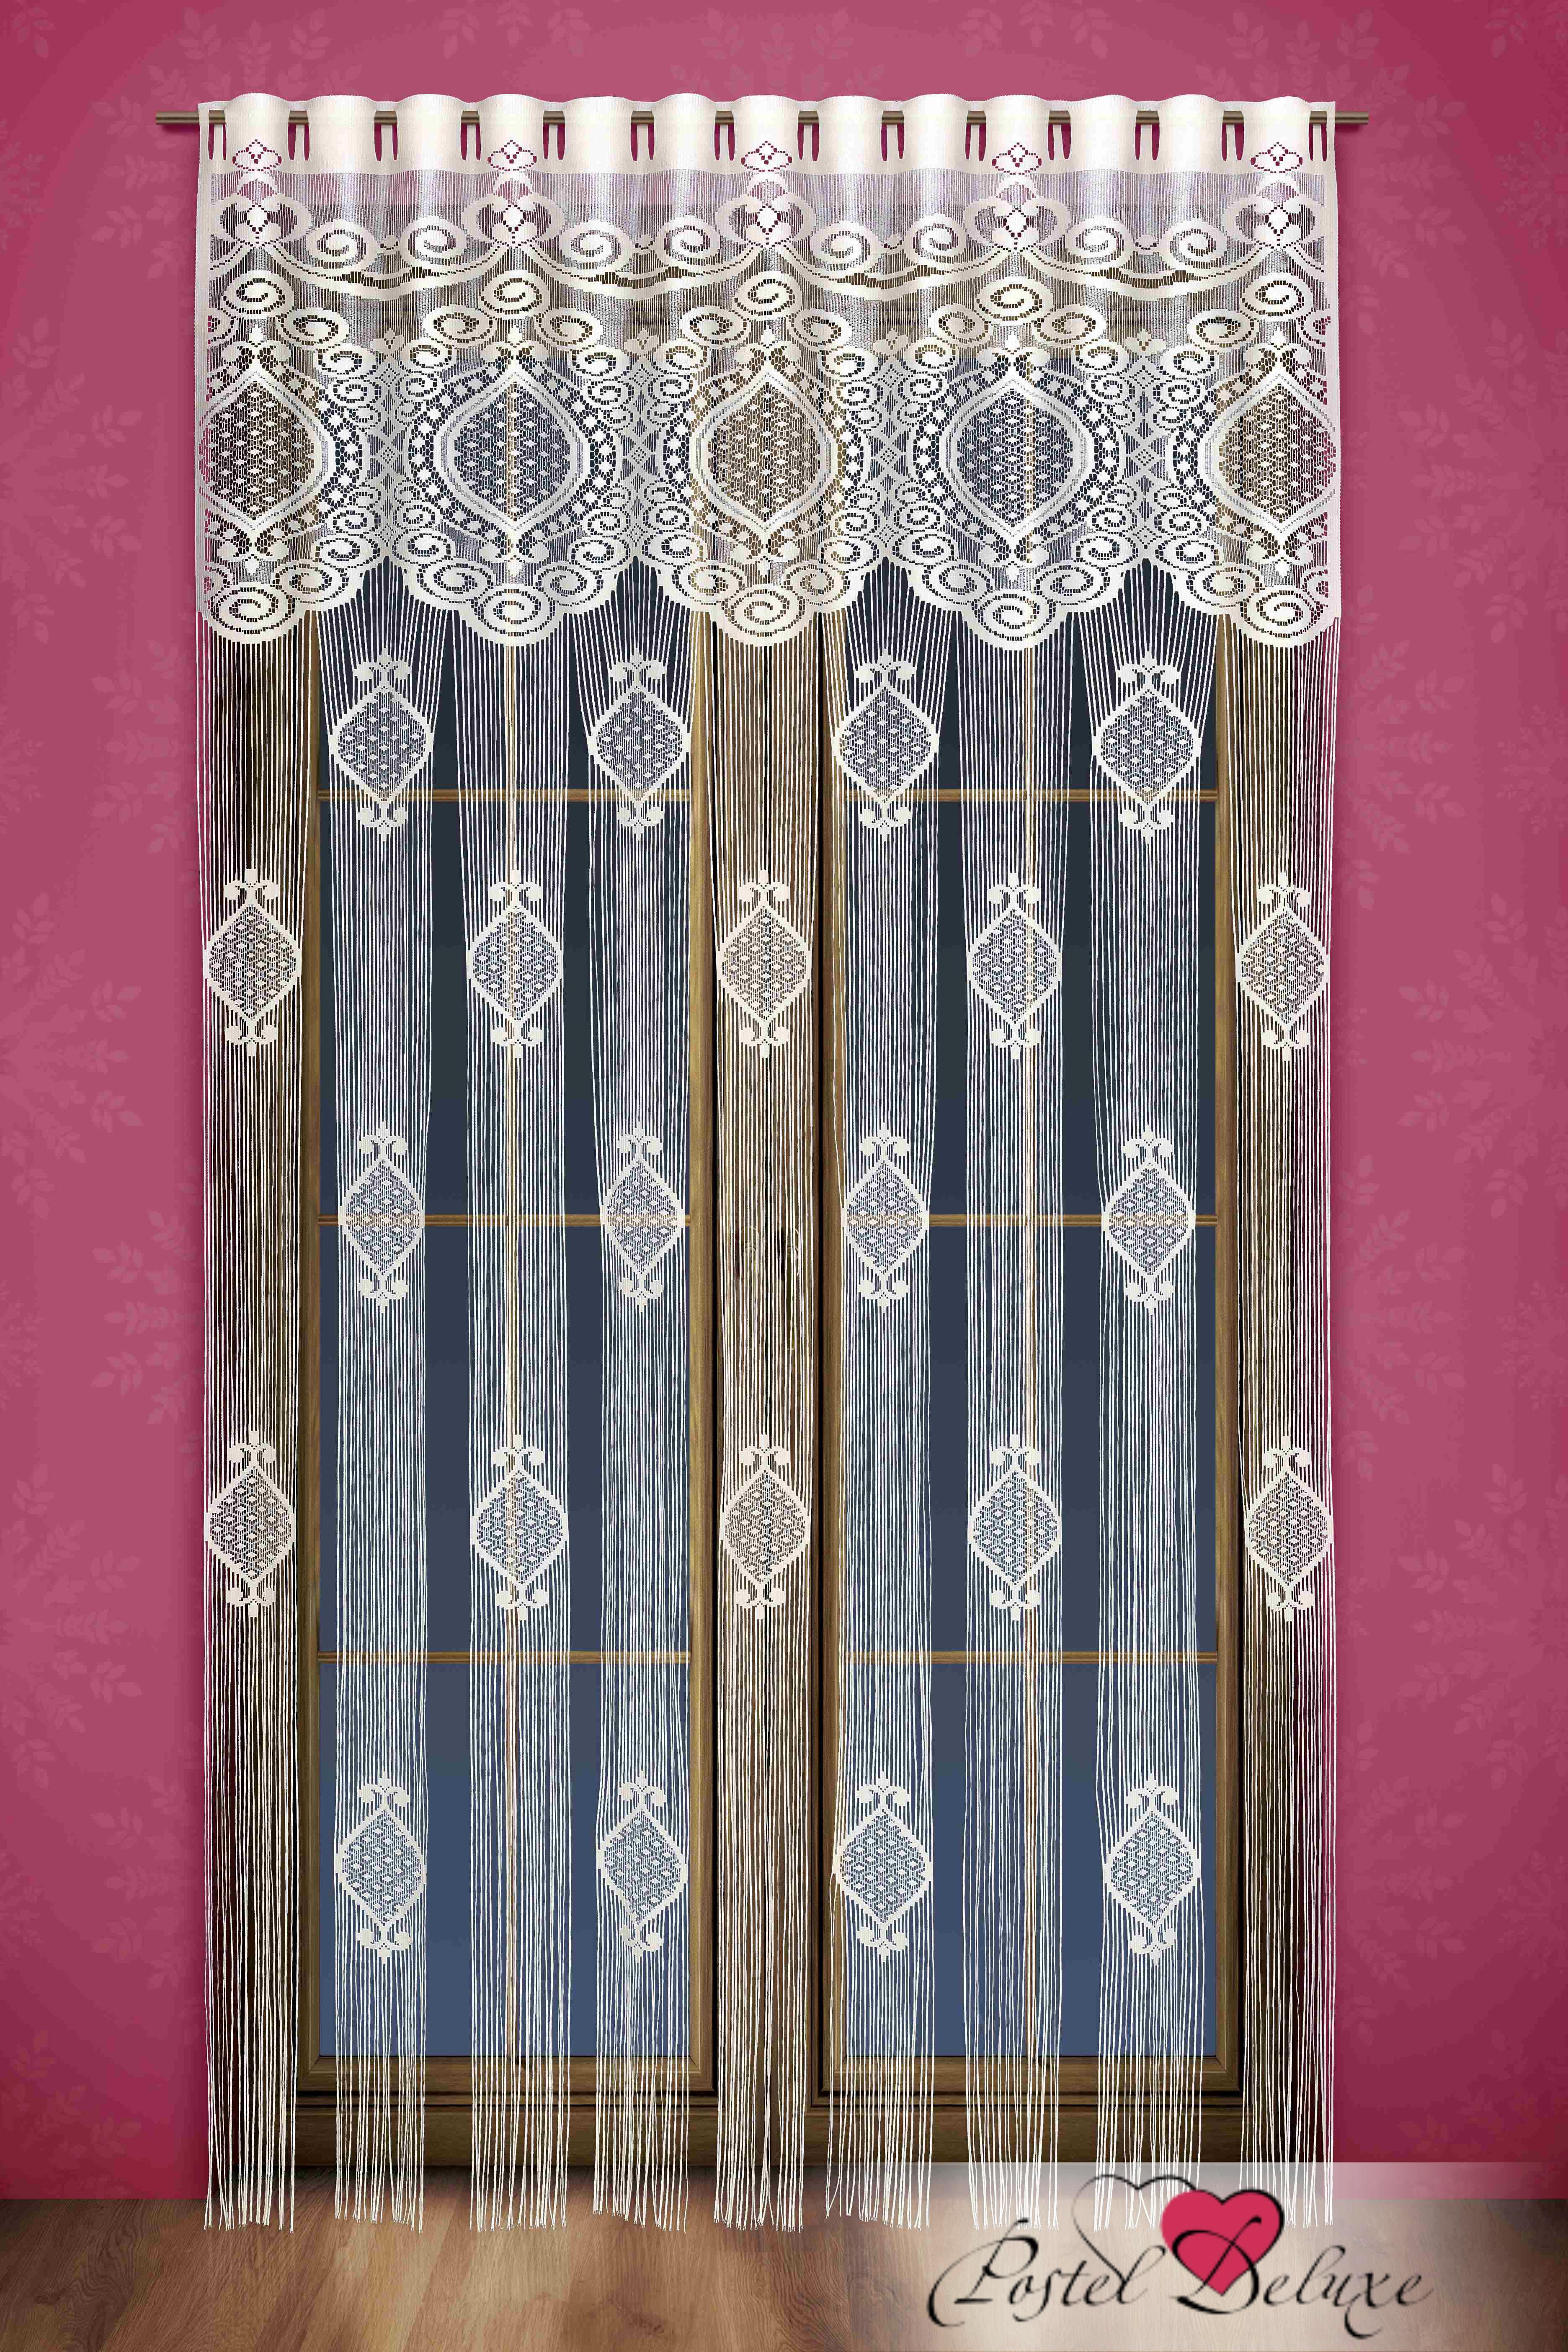 Шторы Wisan Нитяные шторы Цвет: Кремовый wisan wisan классические шторы melicent цвет кремовый